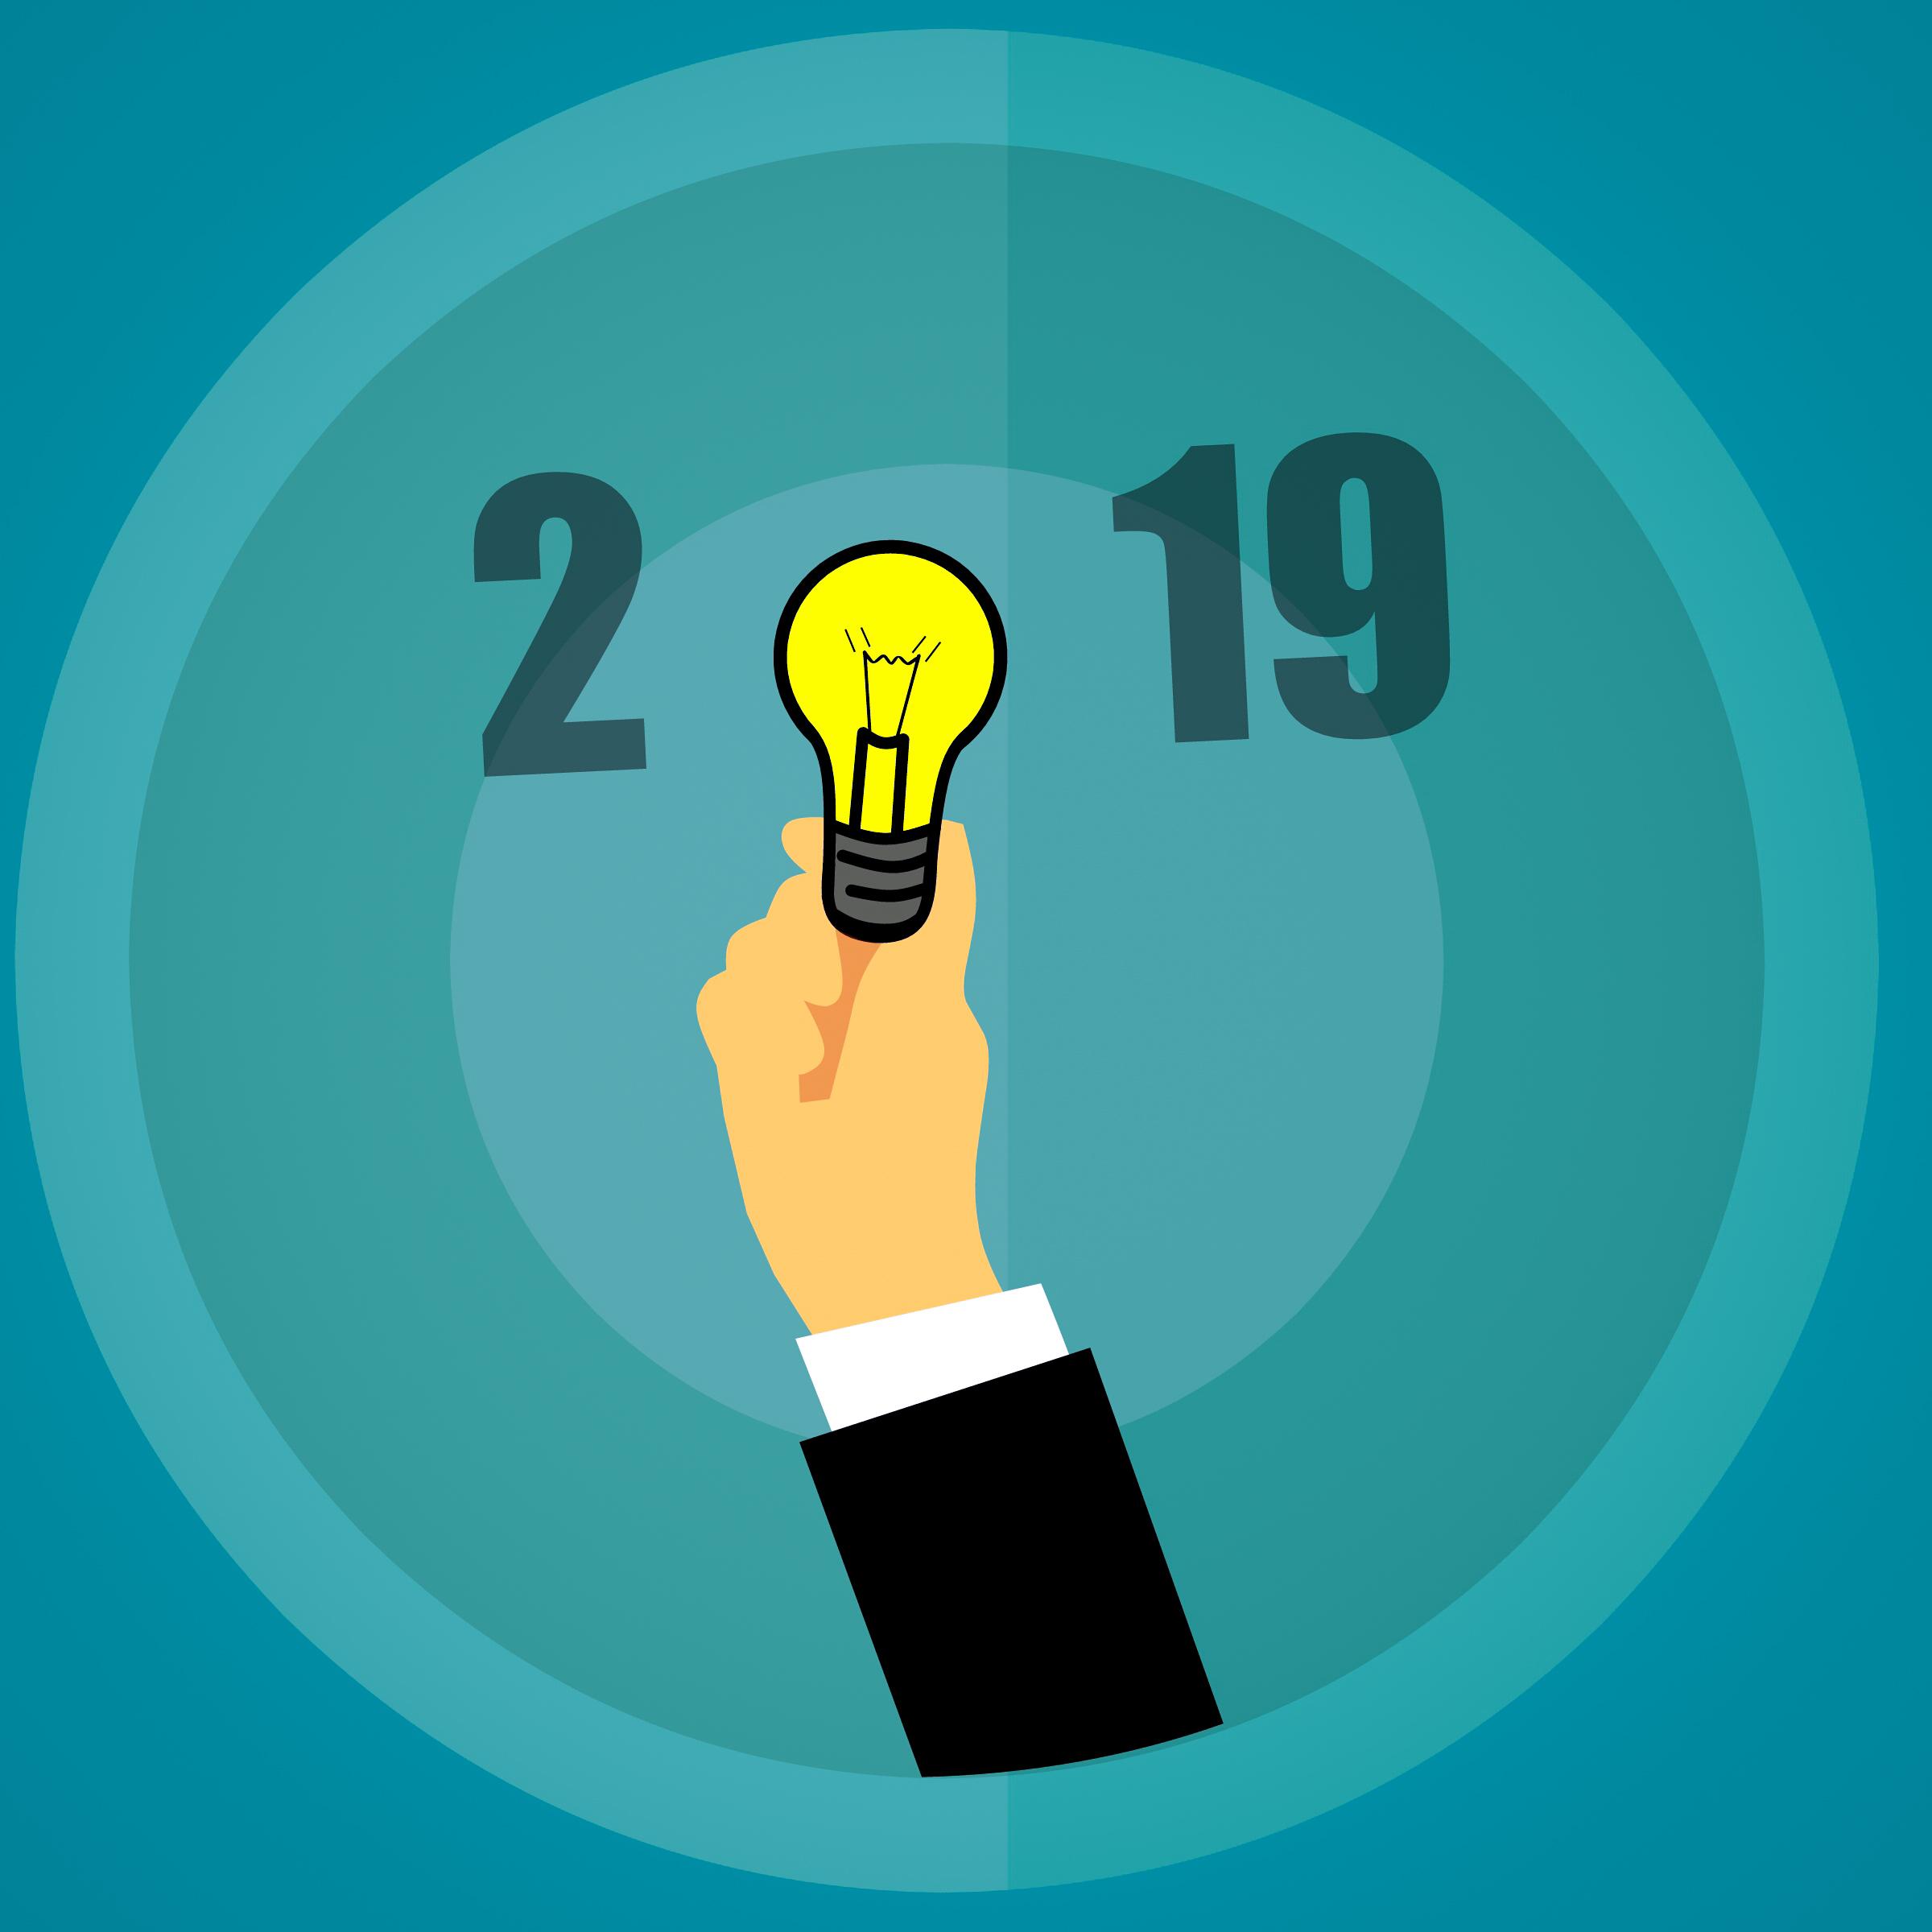 Kostenlose foto : Frohes neues Jahr, Ideen, 2019, Birne, Kreativität ...